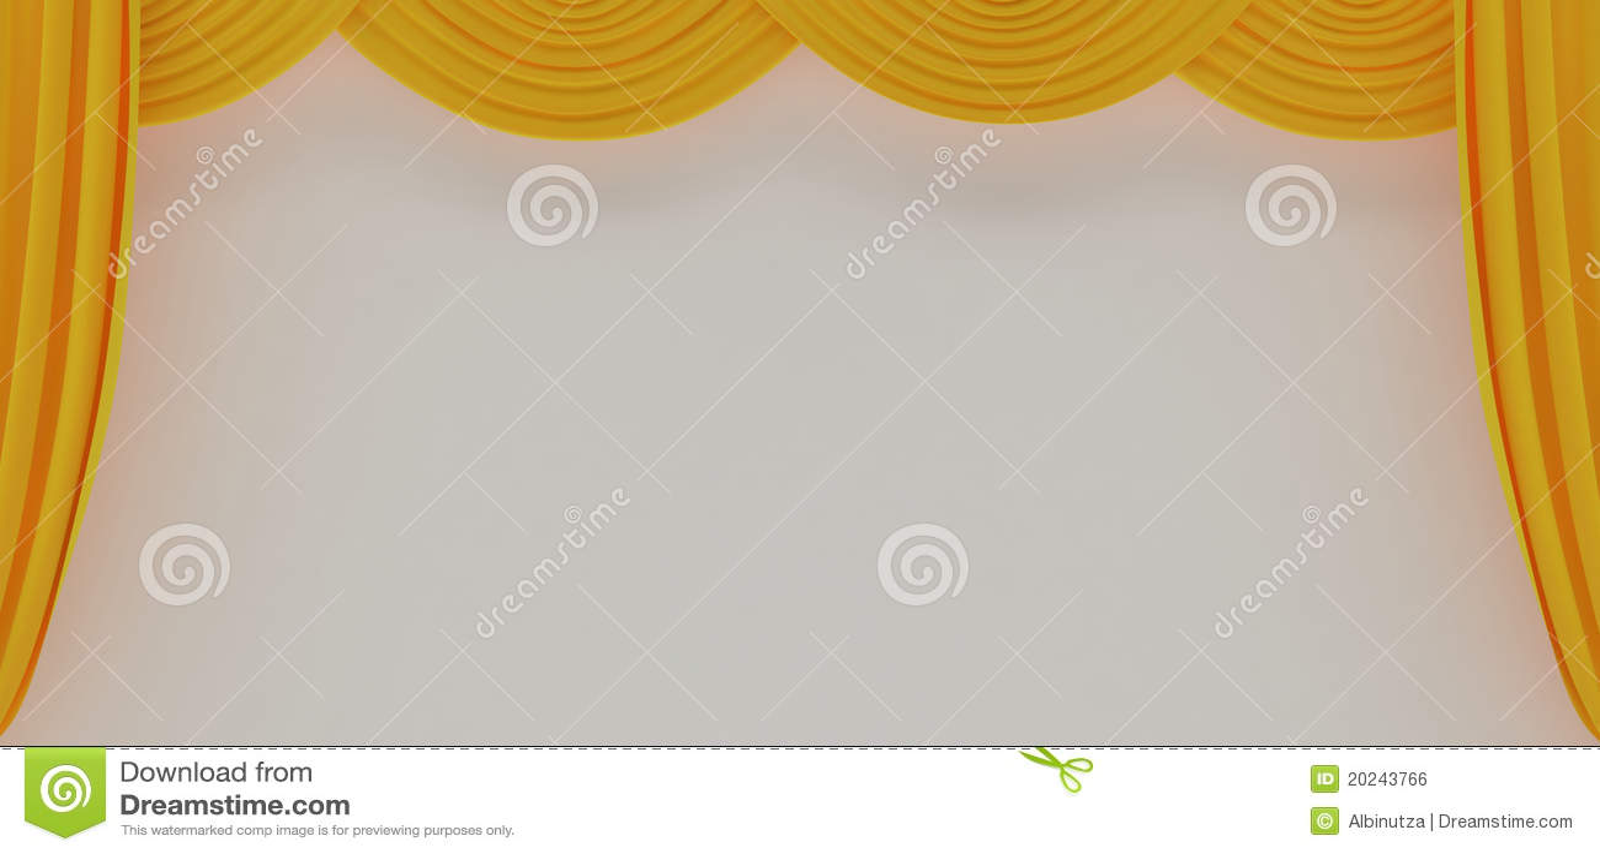 Cortinas amarillas del teatro imagen de archivo libre de for Cortinas amarillas